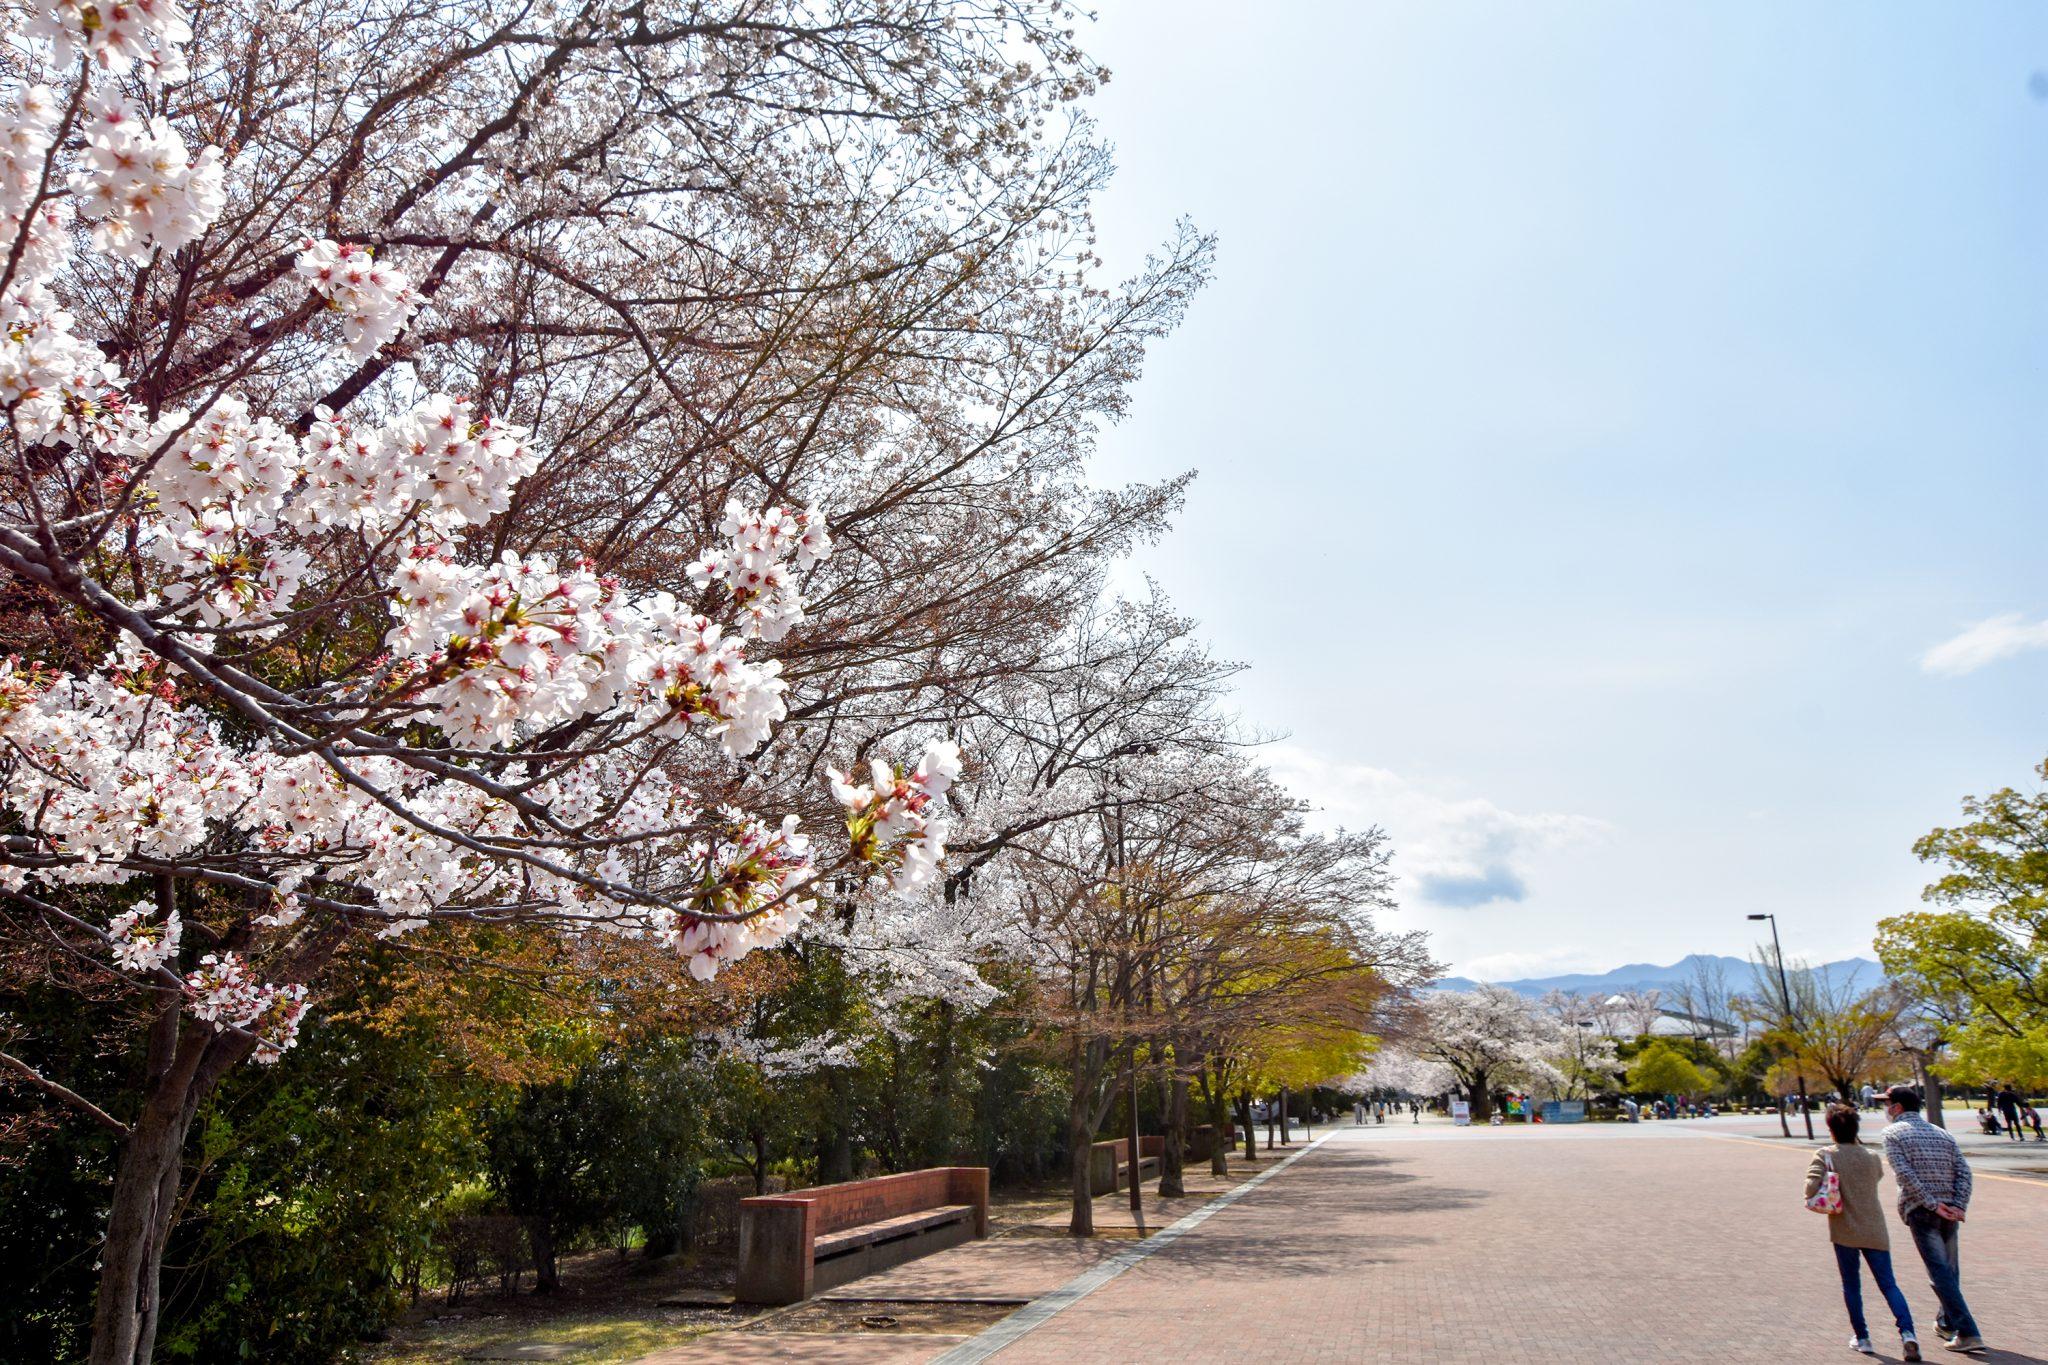 小瀬スポーツ公園の桜 写真5